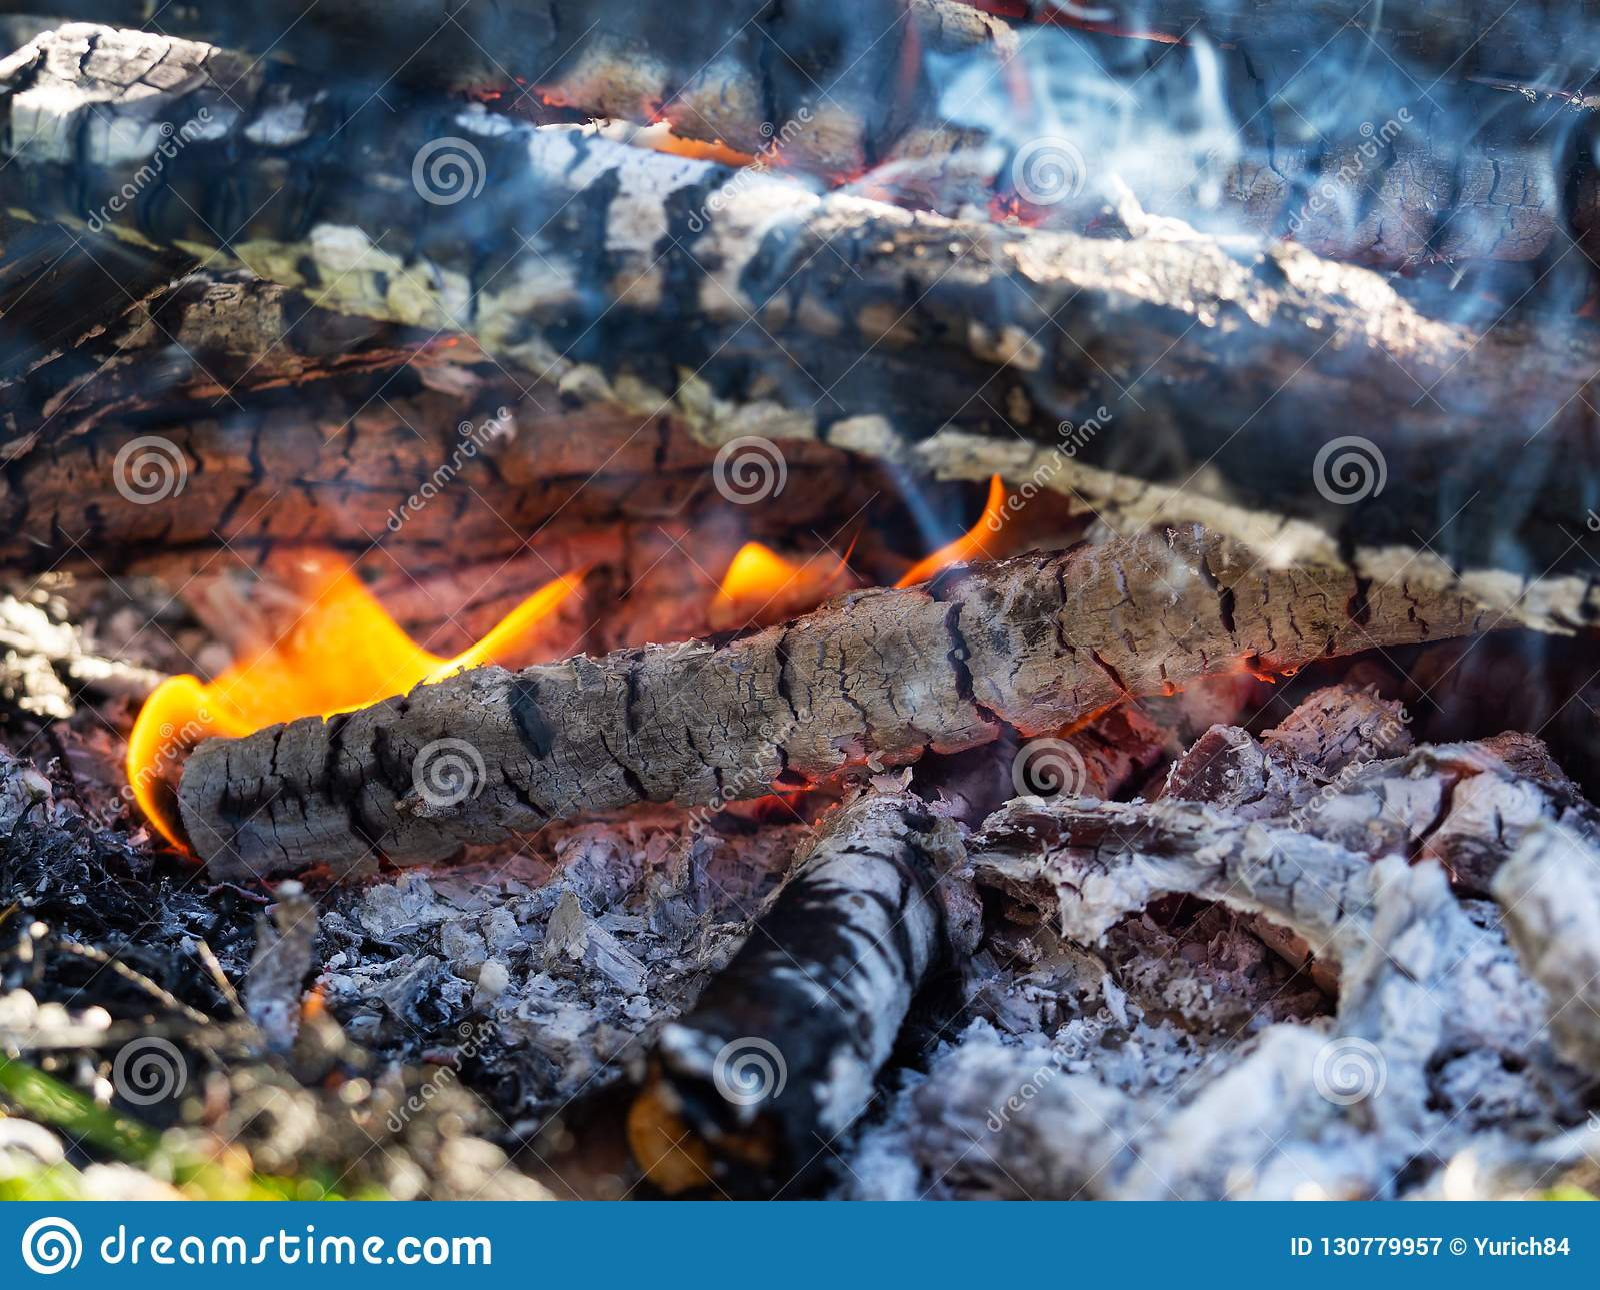 Открытый огонь с горячим горением с ярким оранжевым пламенем, концом золы и угля вверх